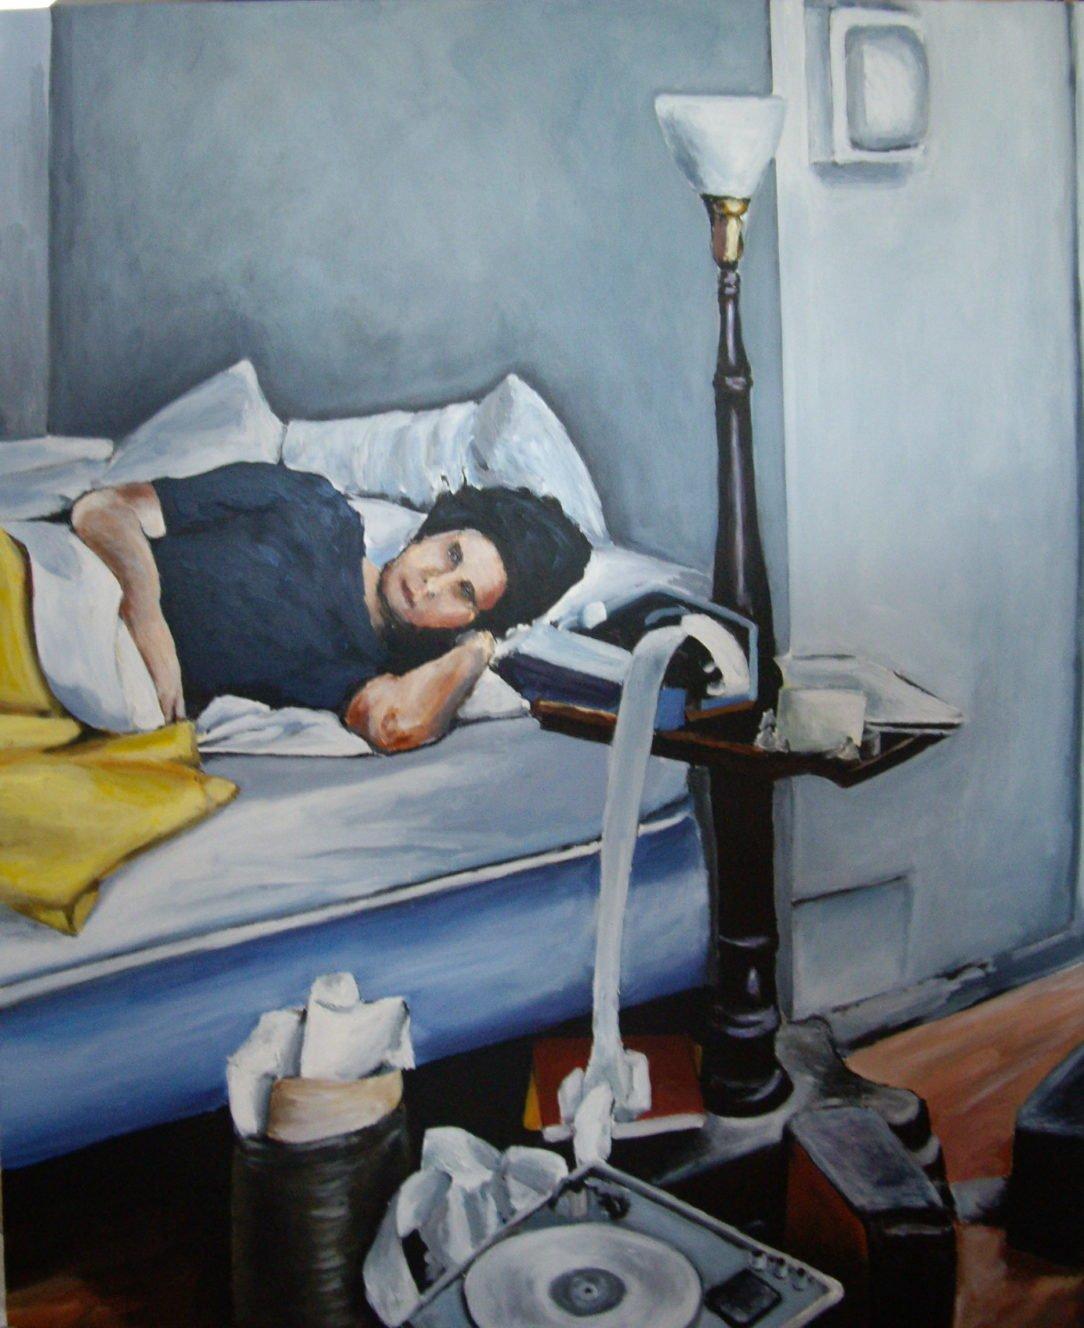 97 Seul dans son lit - Solitude - Jérôme Muller Peinture